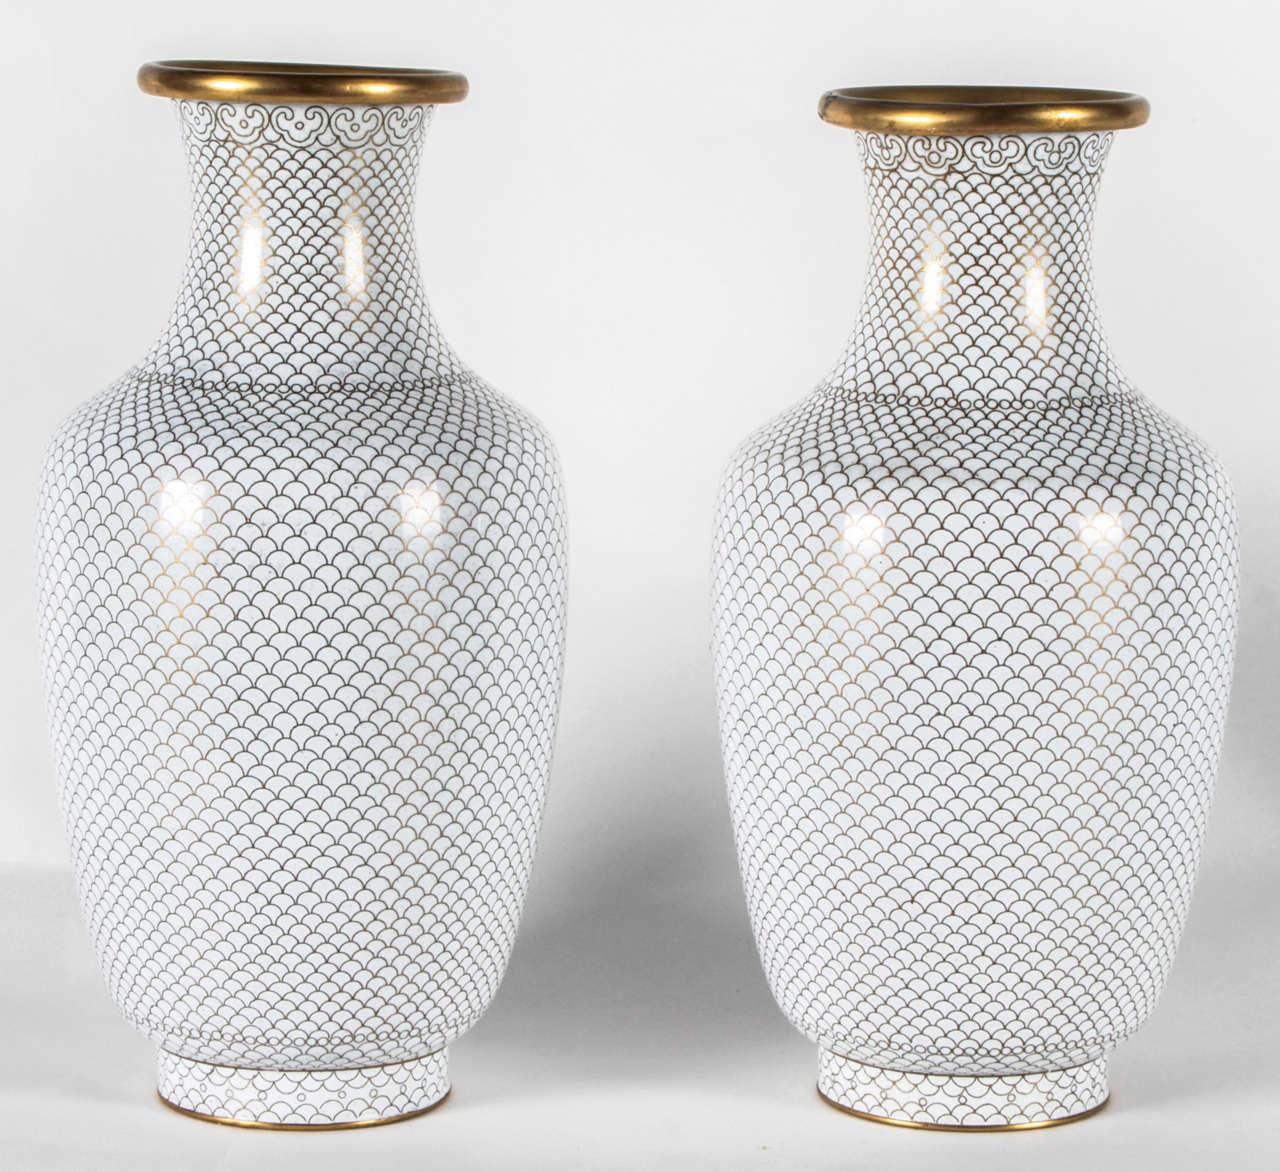 Pair of White Cloisonne Vases 2